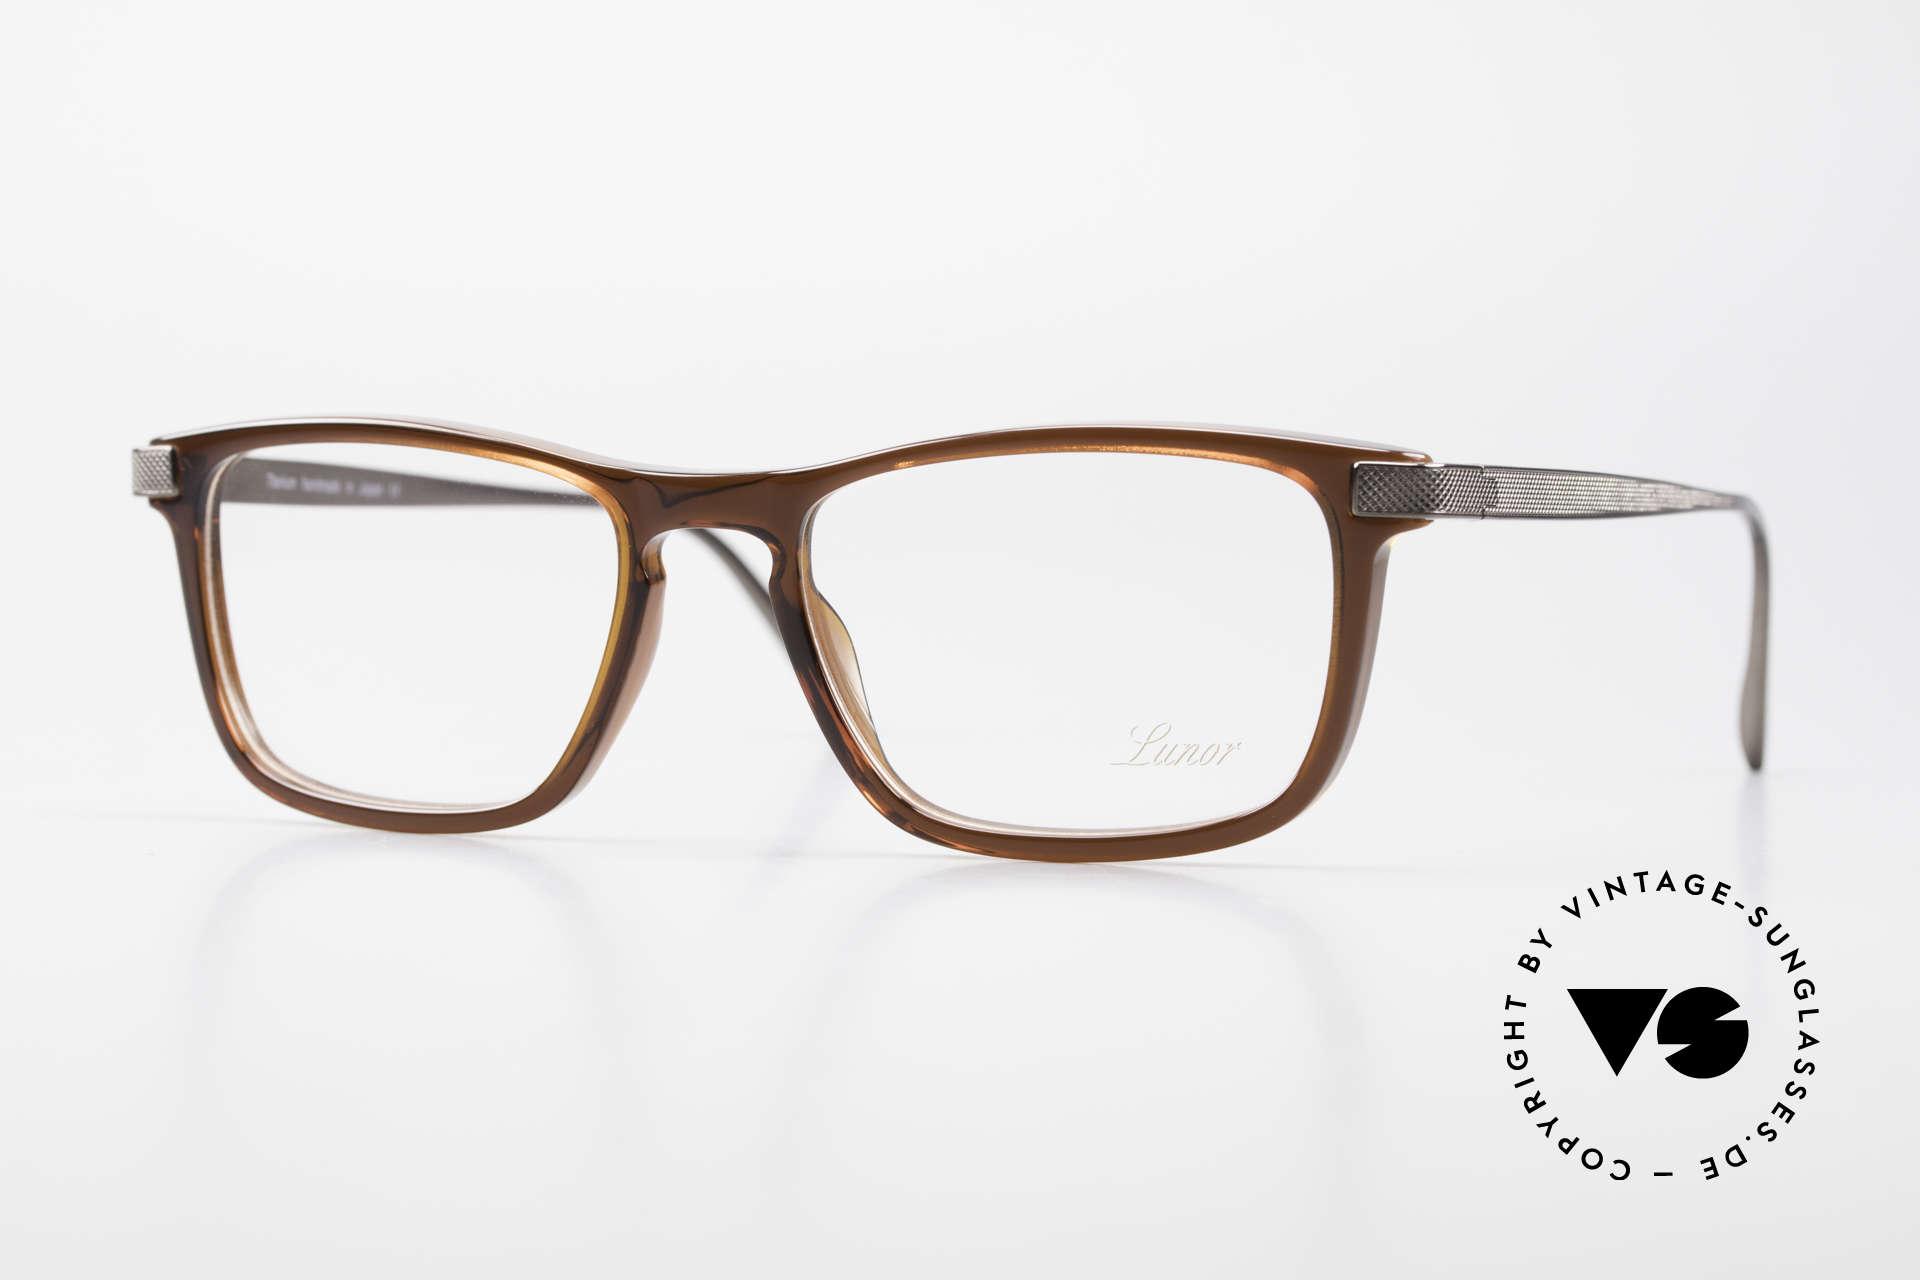 Lunor Imperial Anatomic Titanium Brille 2012 Unisex, Lunor Imperial Anatomic BR (braun) Brillenfassung, Passend für Herren und Damen